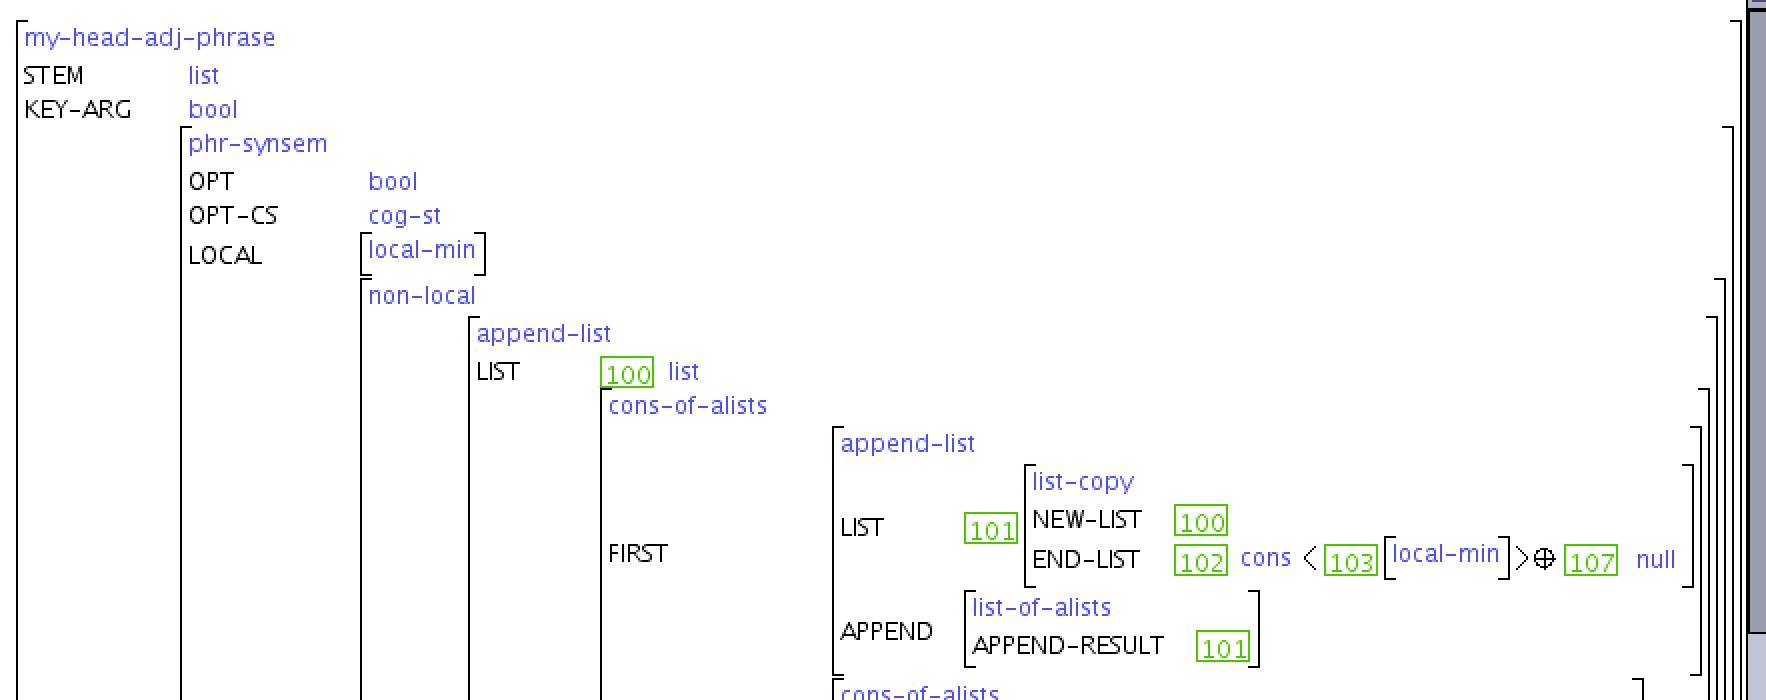 Screen Shot 2020-01-28 at 4.52.15 PM